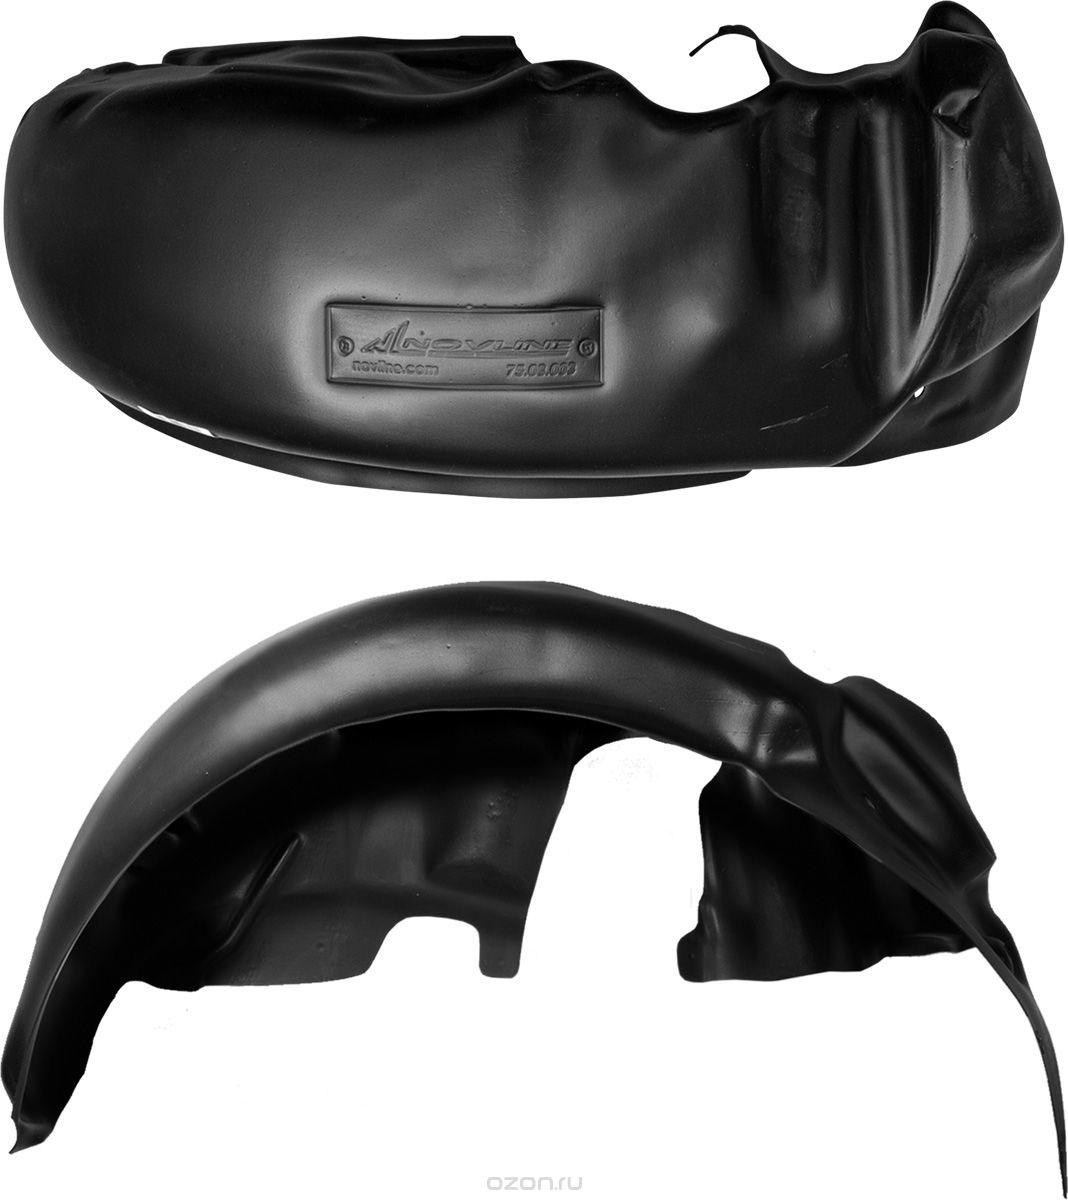 Подкрылок Novline-Autofamily, для NISSAN Sentra, 2014->, задний левый10000000164Идеальная защита колесной ниши. Локеры разработаны с применением цифровых технологий, гарантируют максимальную повторяемость поверхности арки. Изделия устанавливаются без нарушения лакокрасочного покрытия автомобиля, каждый подкрылок комплектуется крепежом. Уважаемые клиенты, обращаем ваше внимание, что фотографии на подкрылки универсальные и не отражают реальную форму изделия. При этом само изделие идет точно под размер указанного автомобиля.